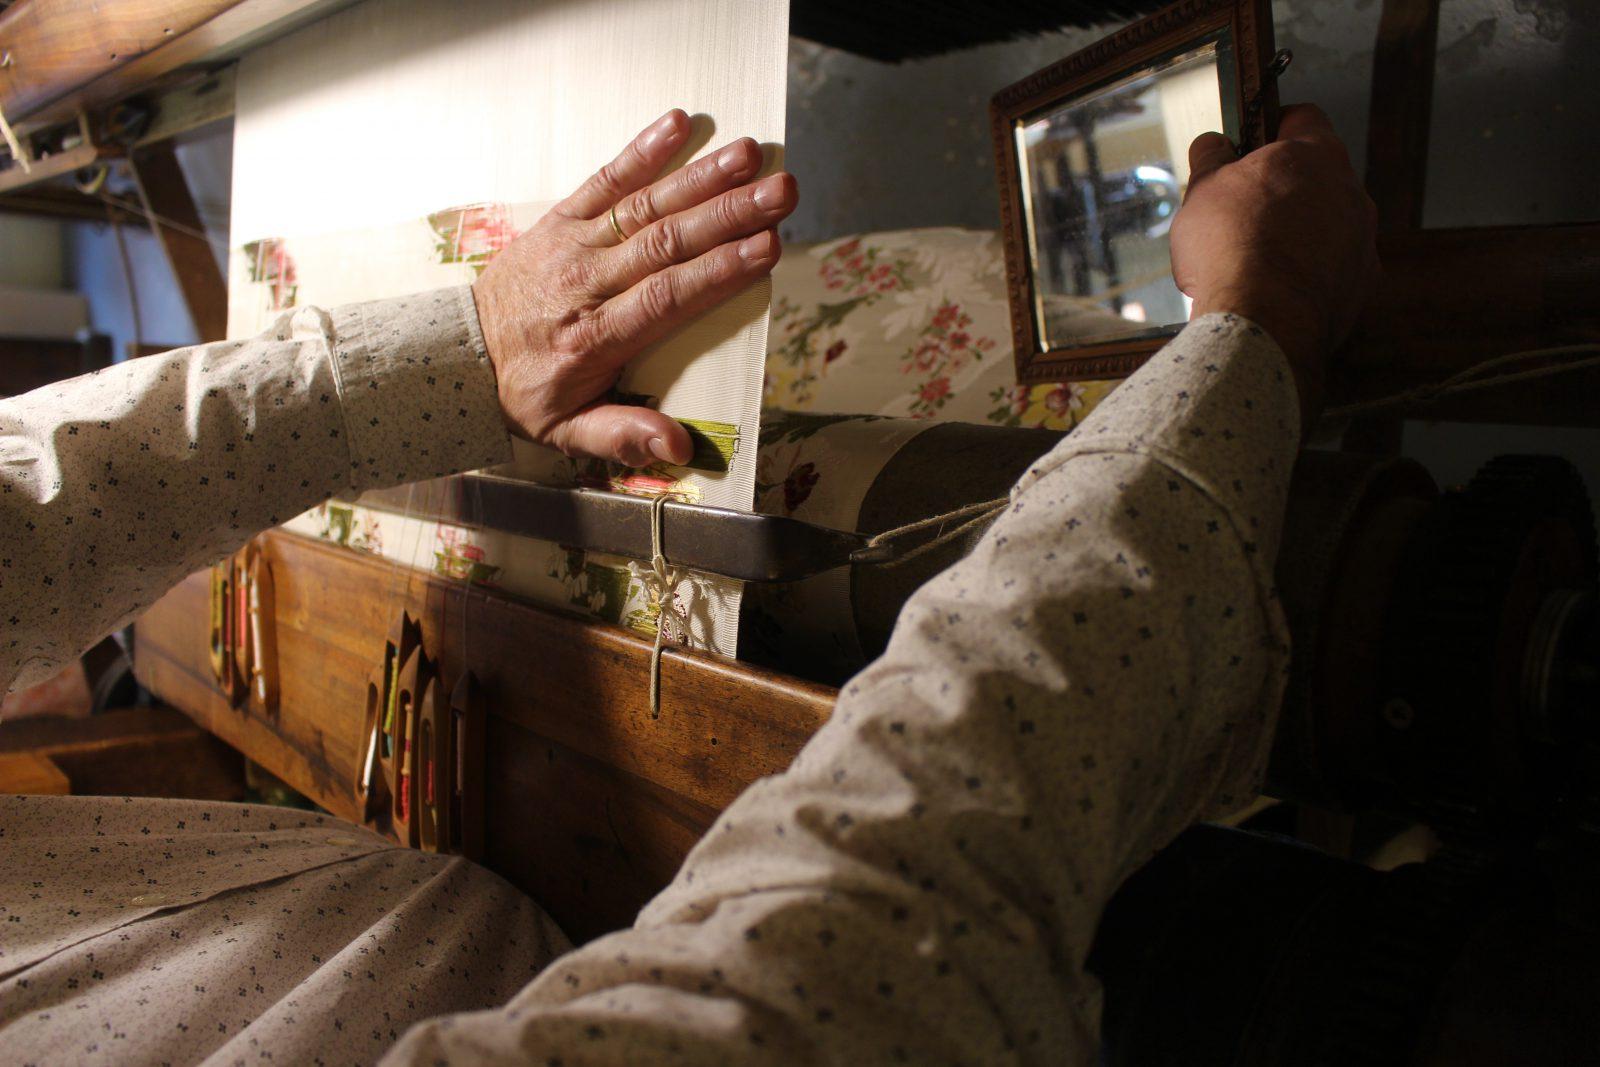 Philippe Varenne avec miroir métier à tisser Maison des Canuts Lyon @françoyse Krier